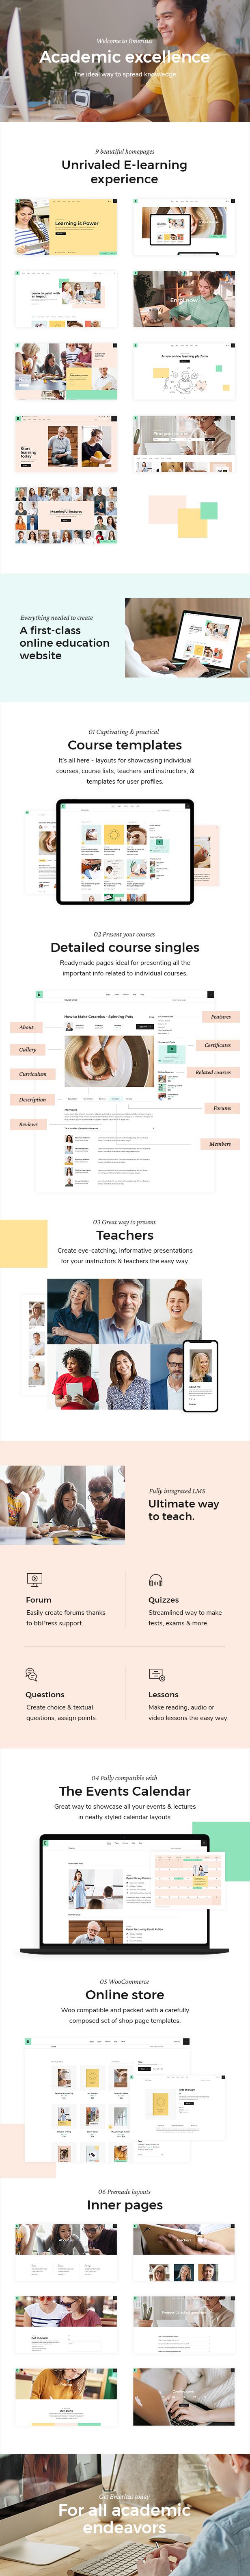 Emeritus - Thema Bildung und Online-Kurse - 2